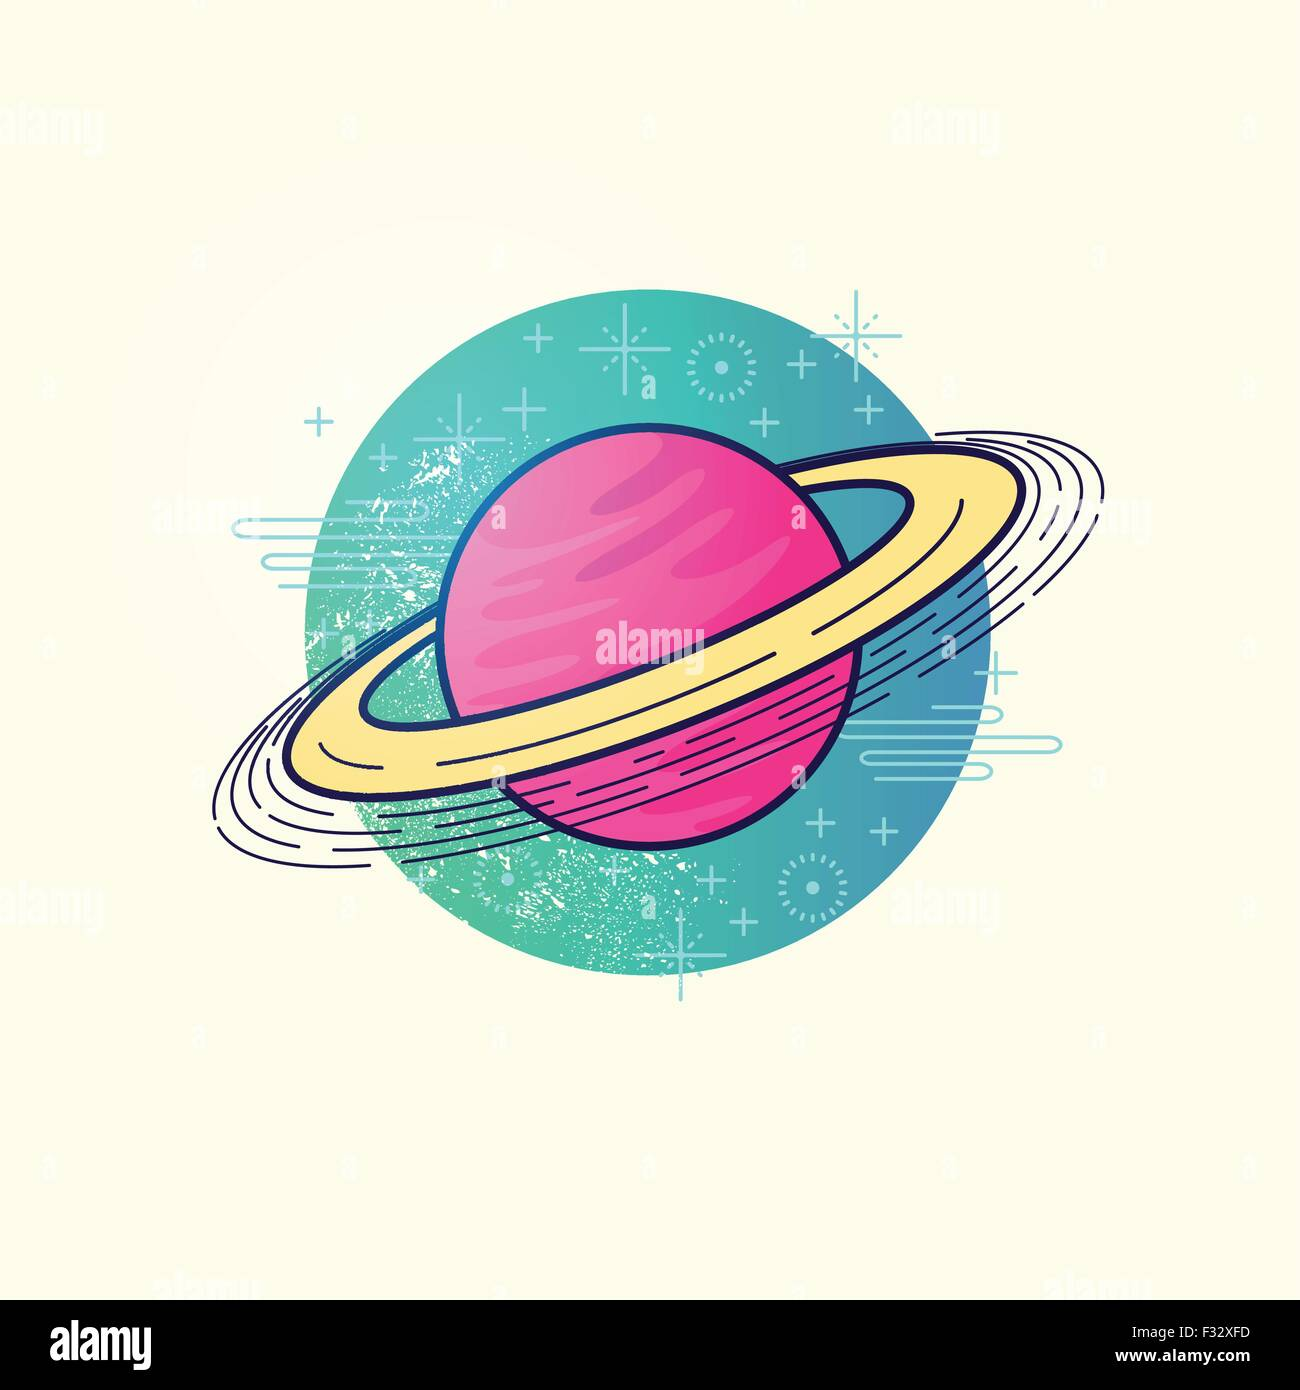 Planète espace vecteur. Une grande planète de gaz avec un système cyclique. vector illustration Photo Stock